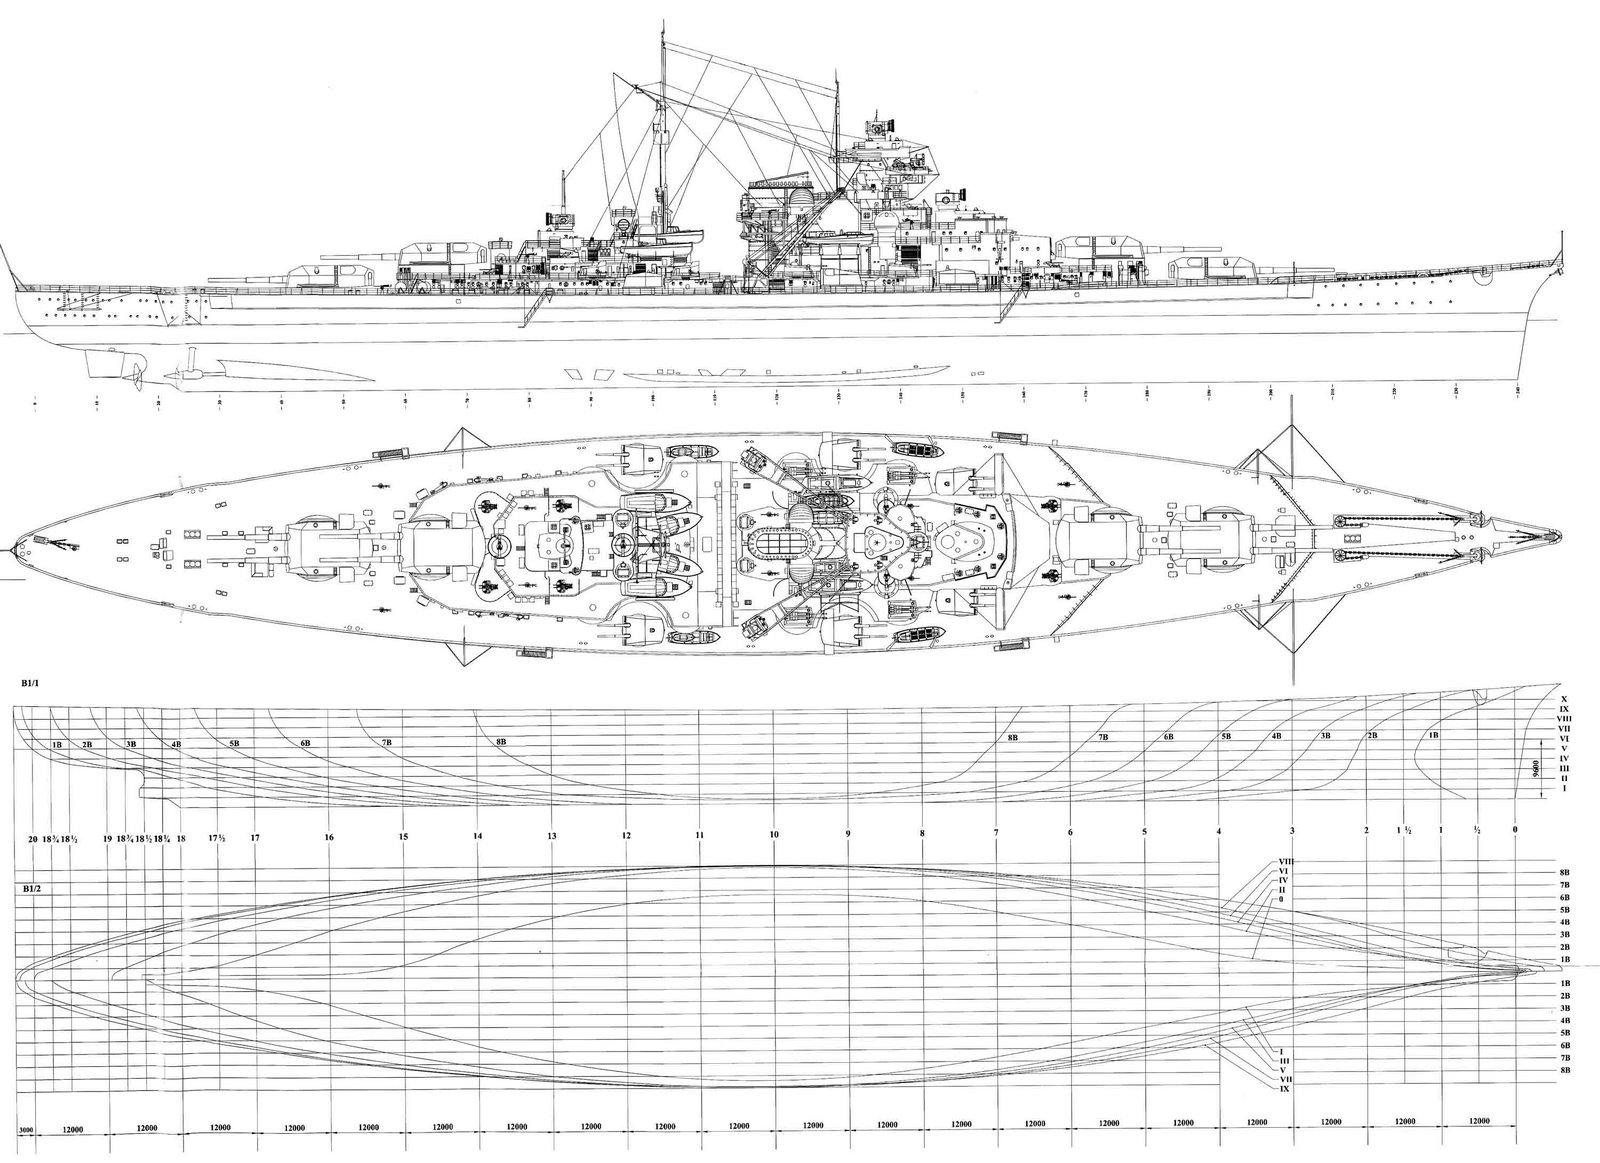 Bismarck's design schematics